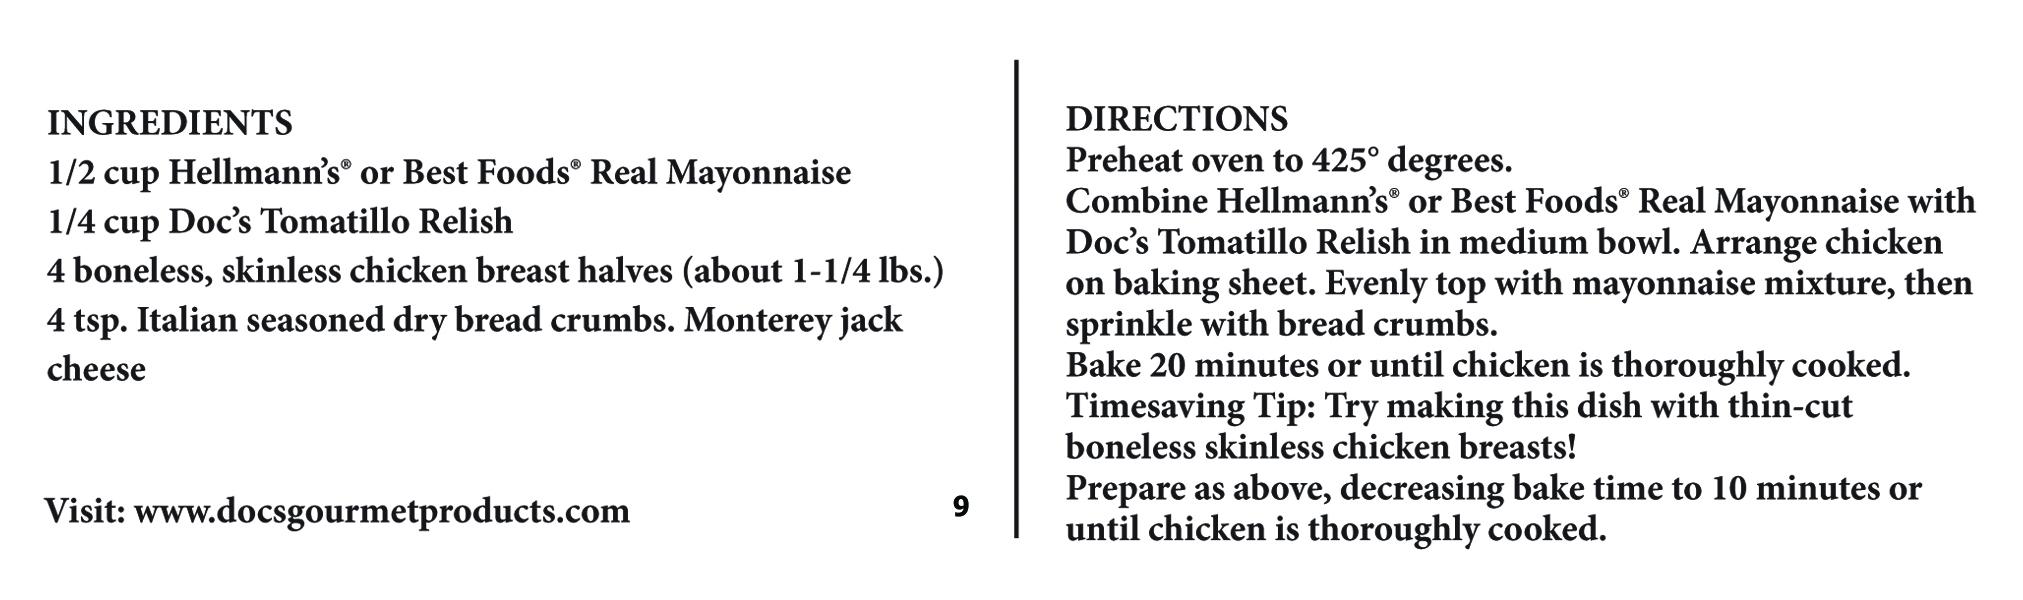 recipe 9a.jpg